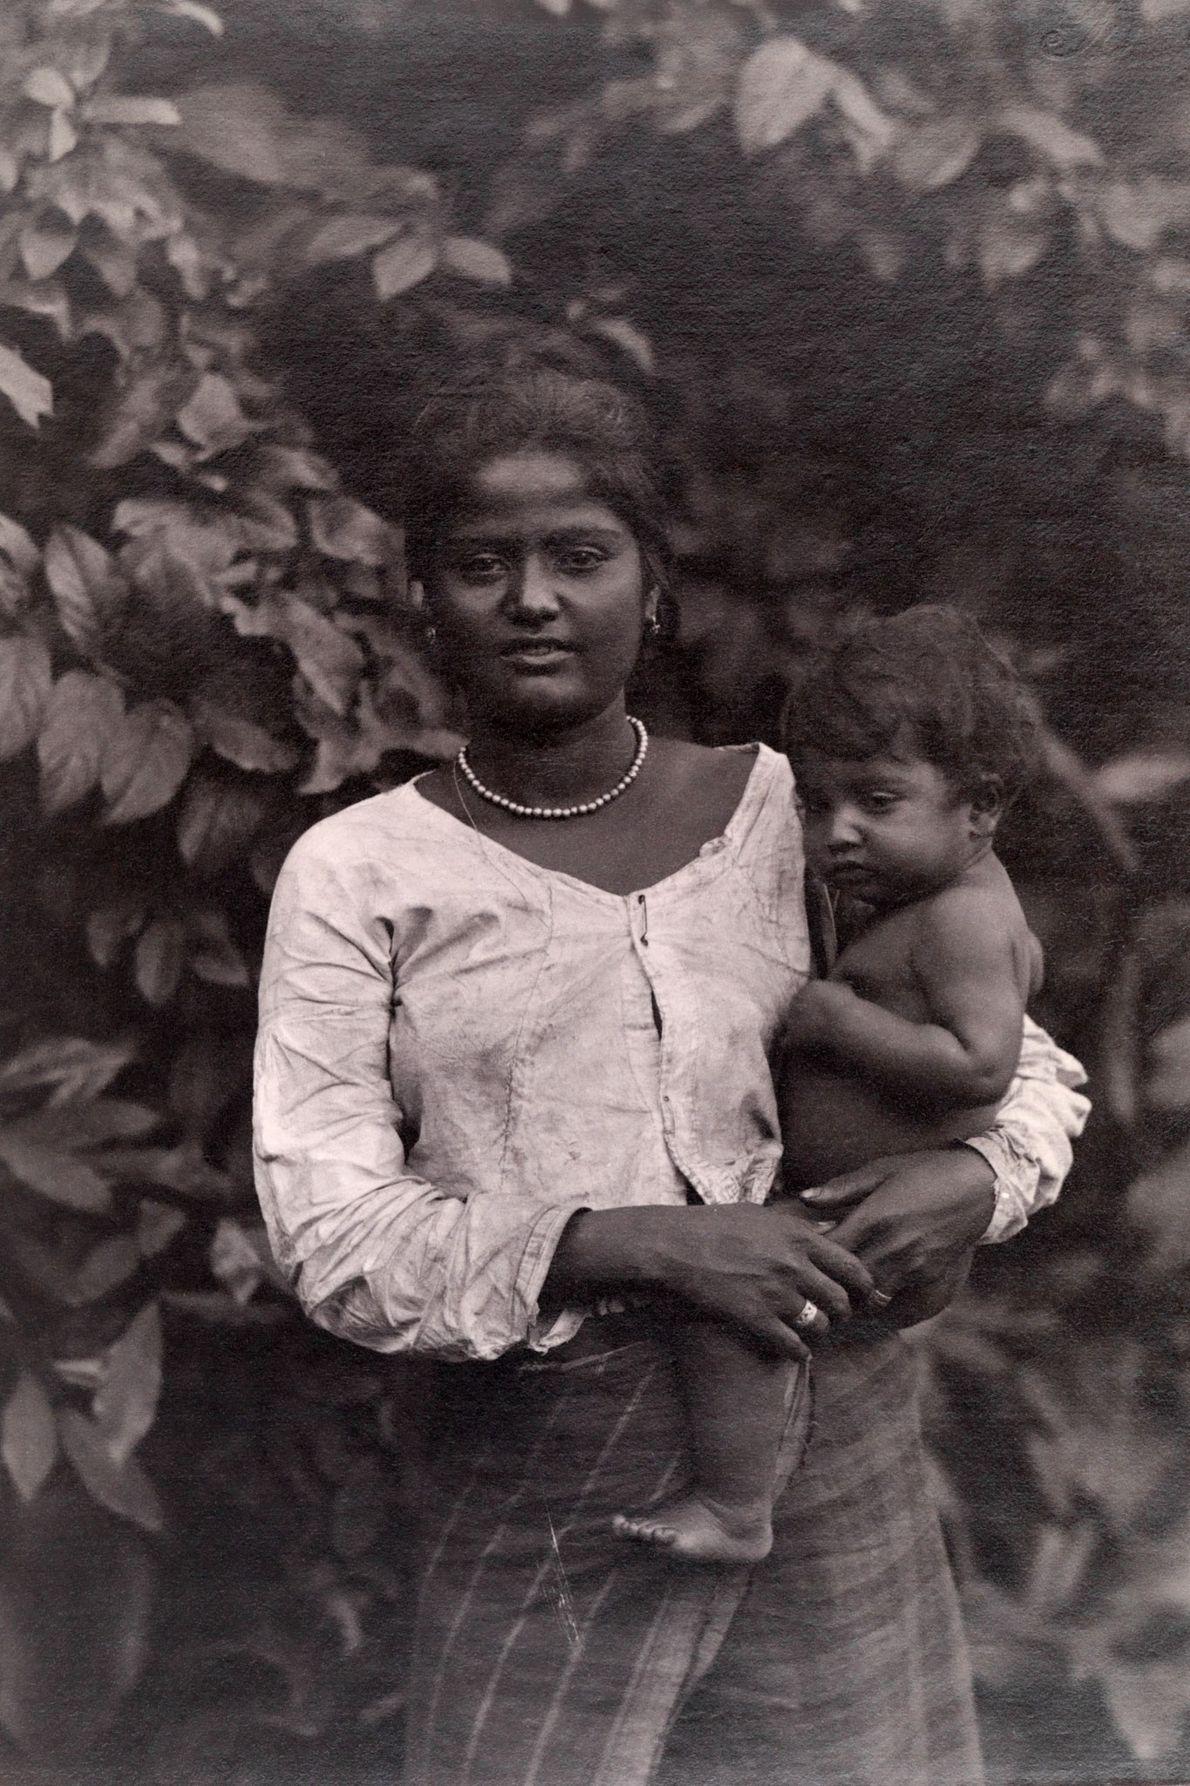 Uma mãe cingalesa apoia uma criança em seu quadril.